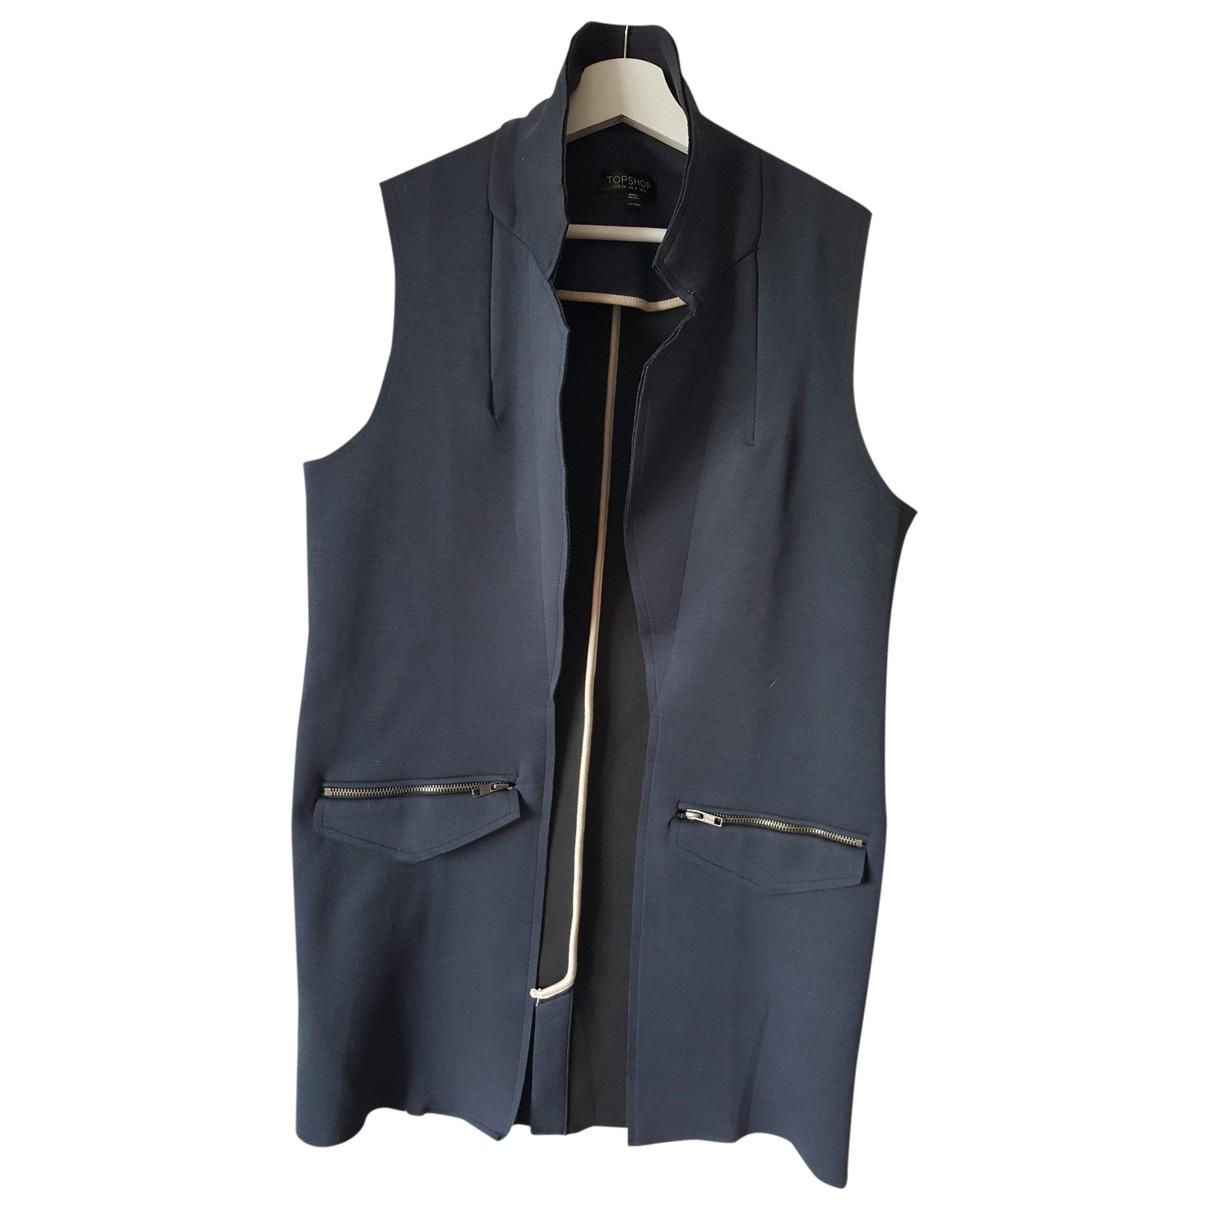 tophop \N Navy jacket for Women 36 FR